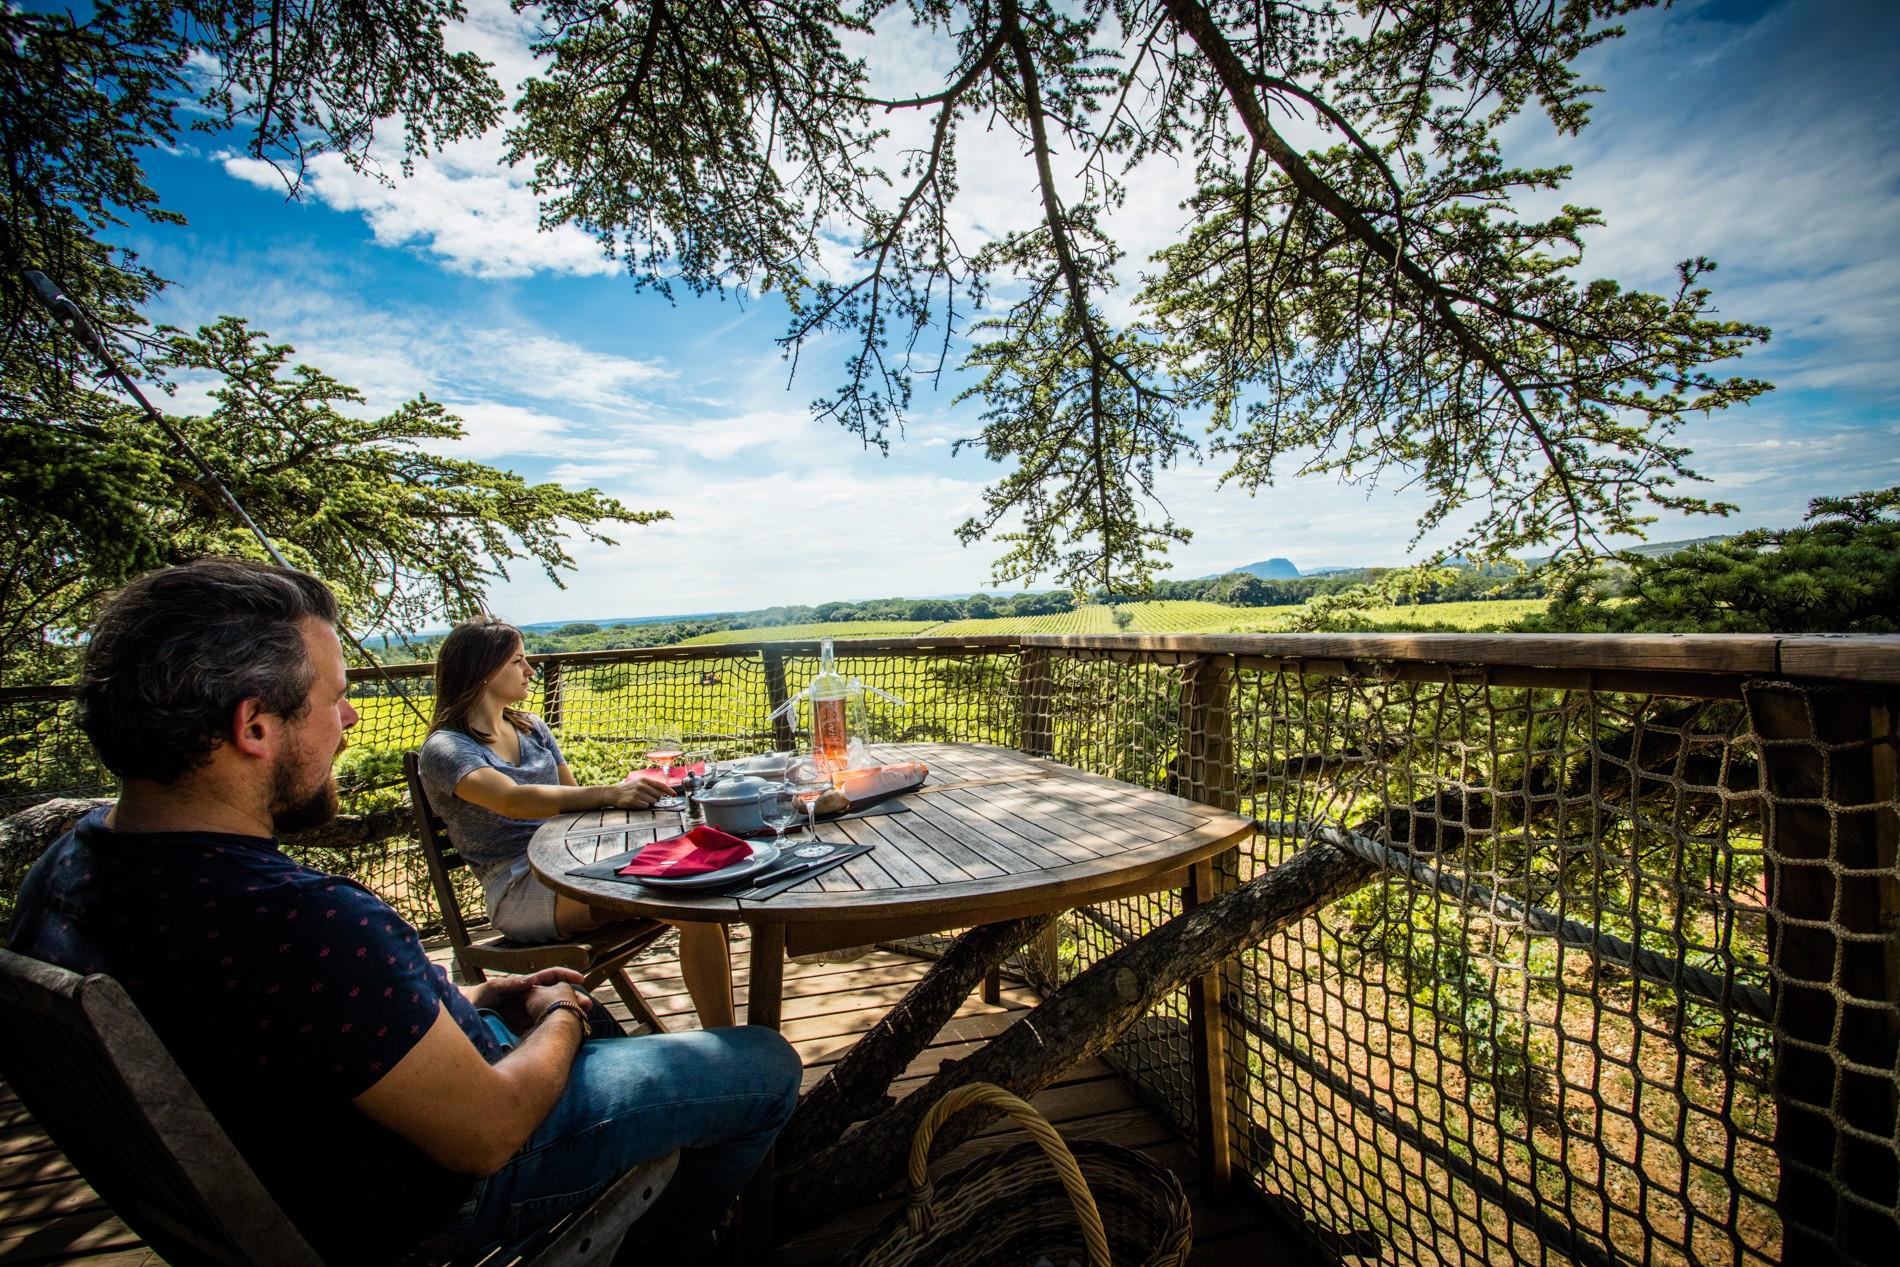 Photo 19 extérieur - cabane dans les arbres - vue sur vignoble - hébergement insolite à Montpellier - Oenotourisme - Domaine saint Jean de l'Arbousier, Castries, Hérault